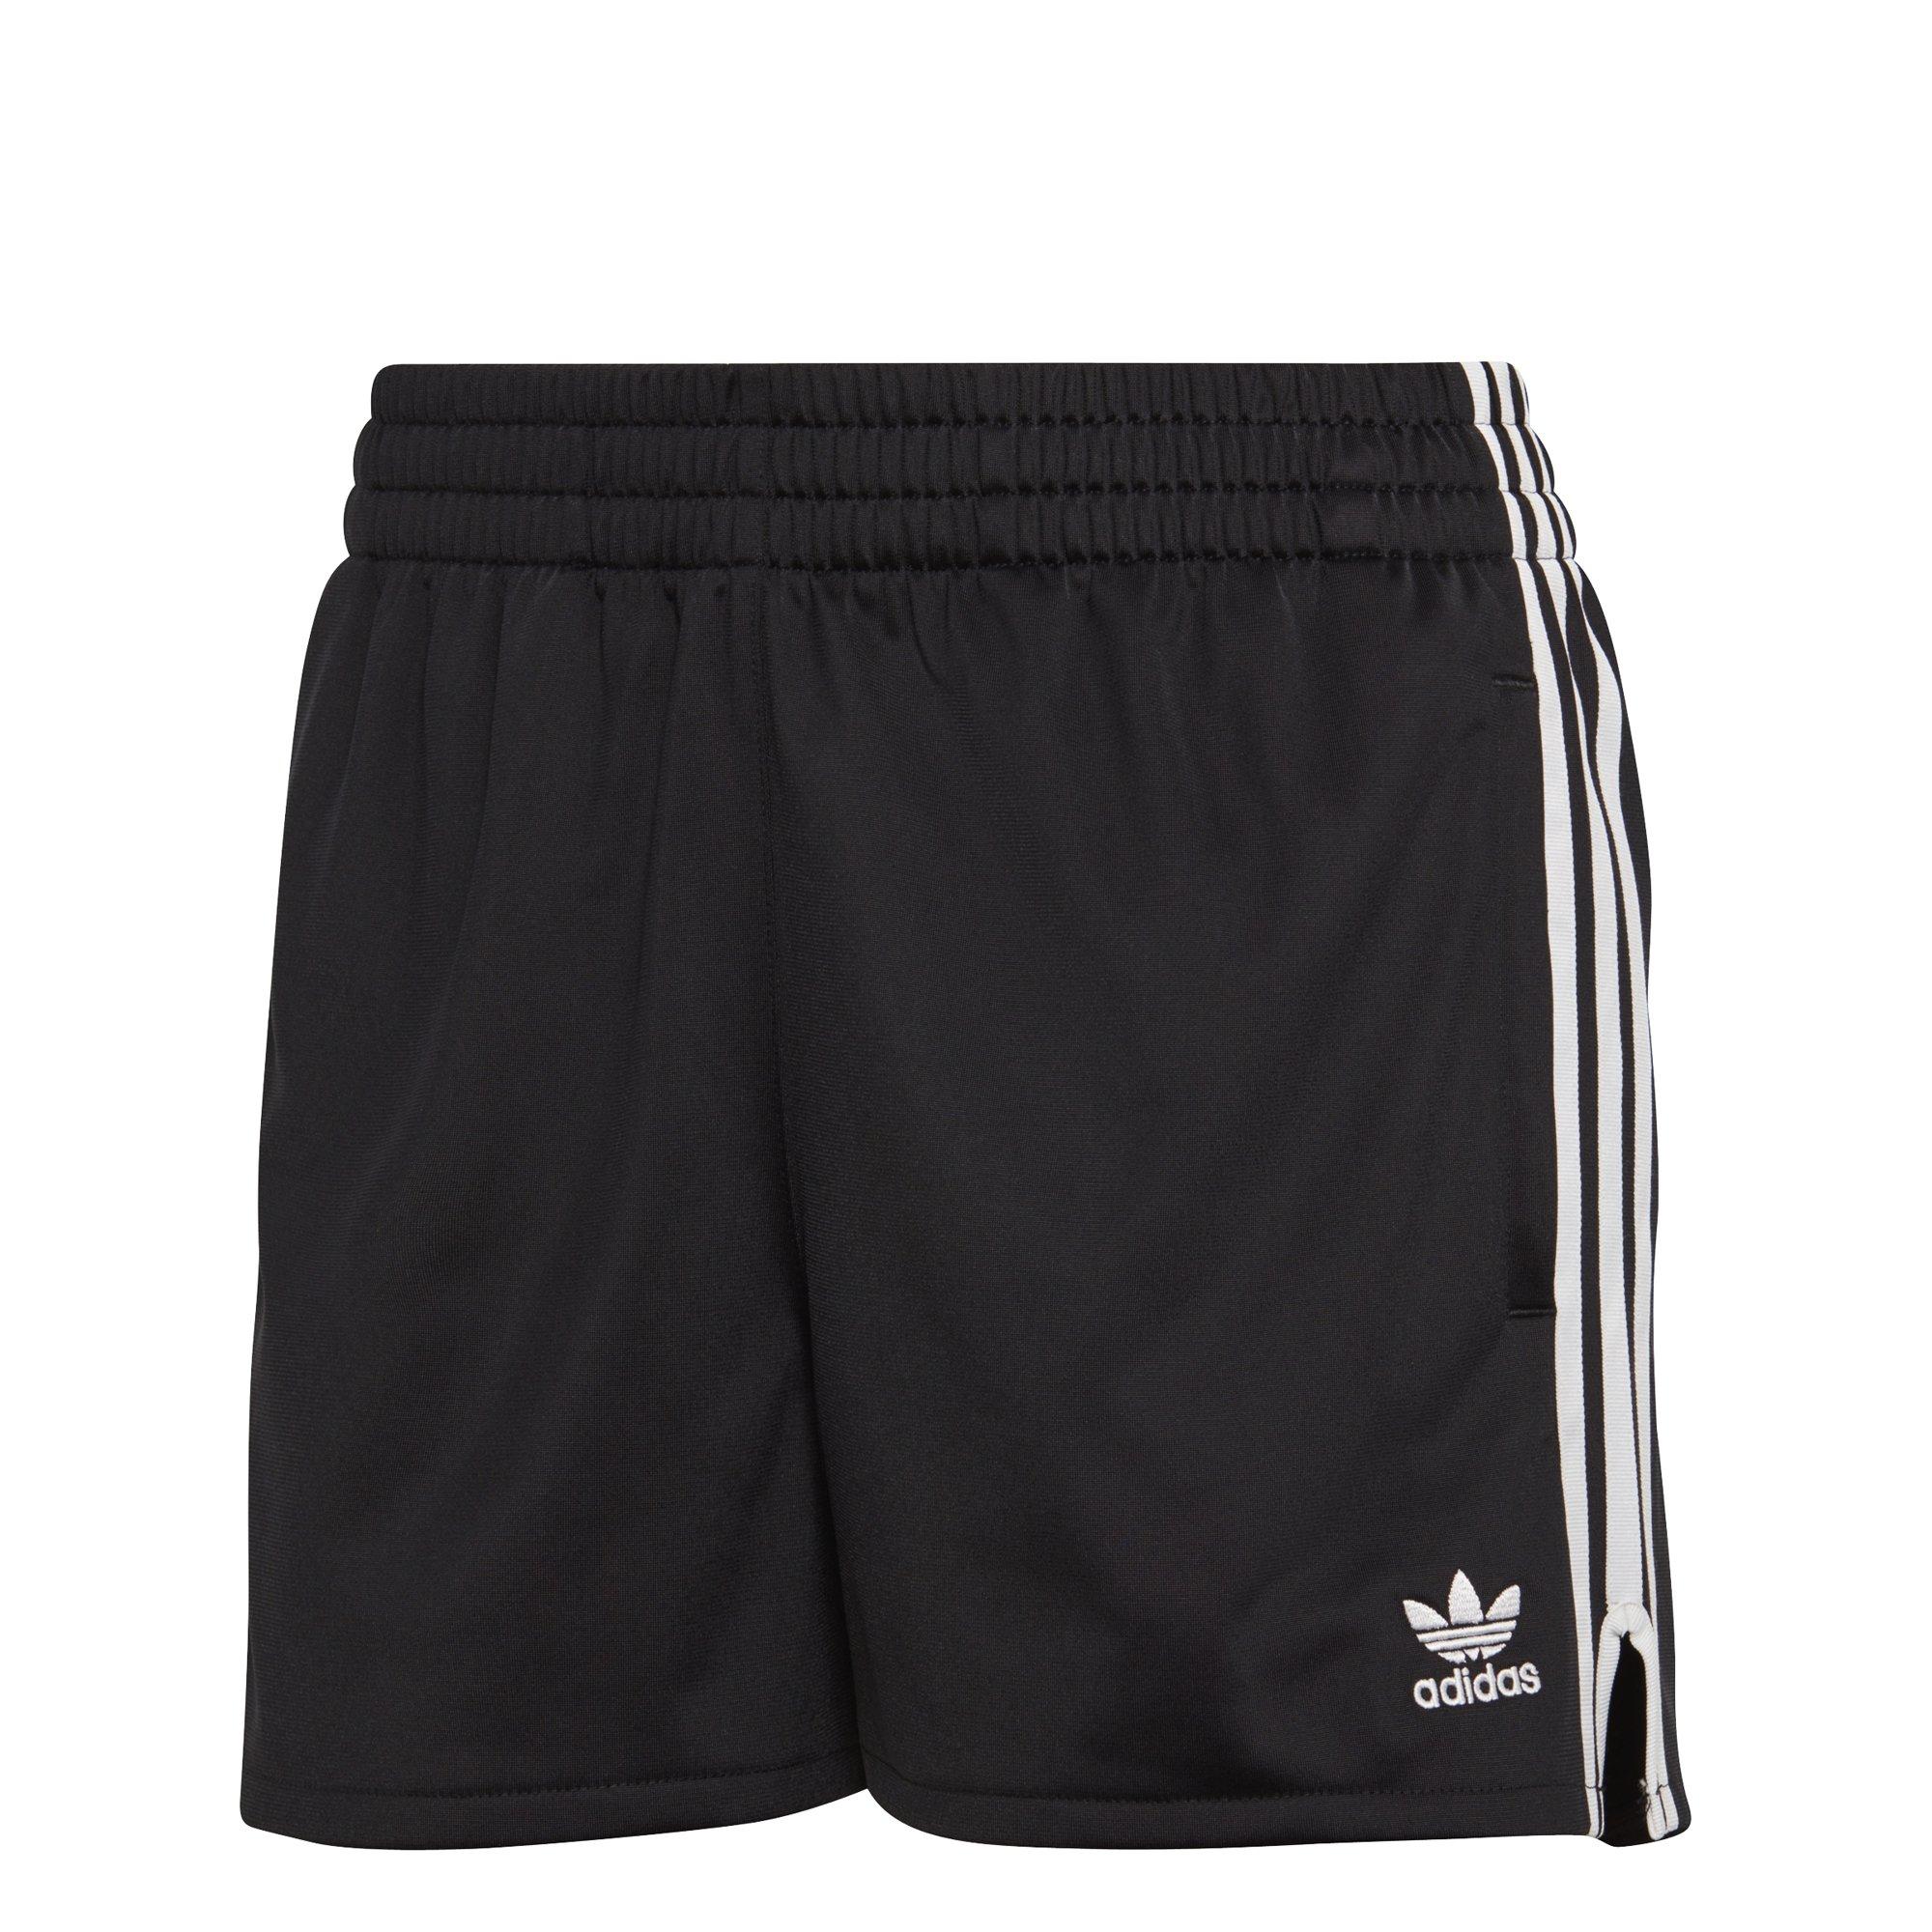 adidas Originals Women's 3 Stripes Short, Black, L